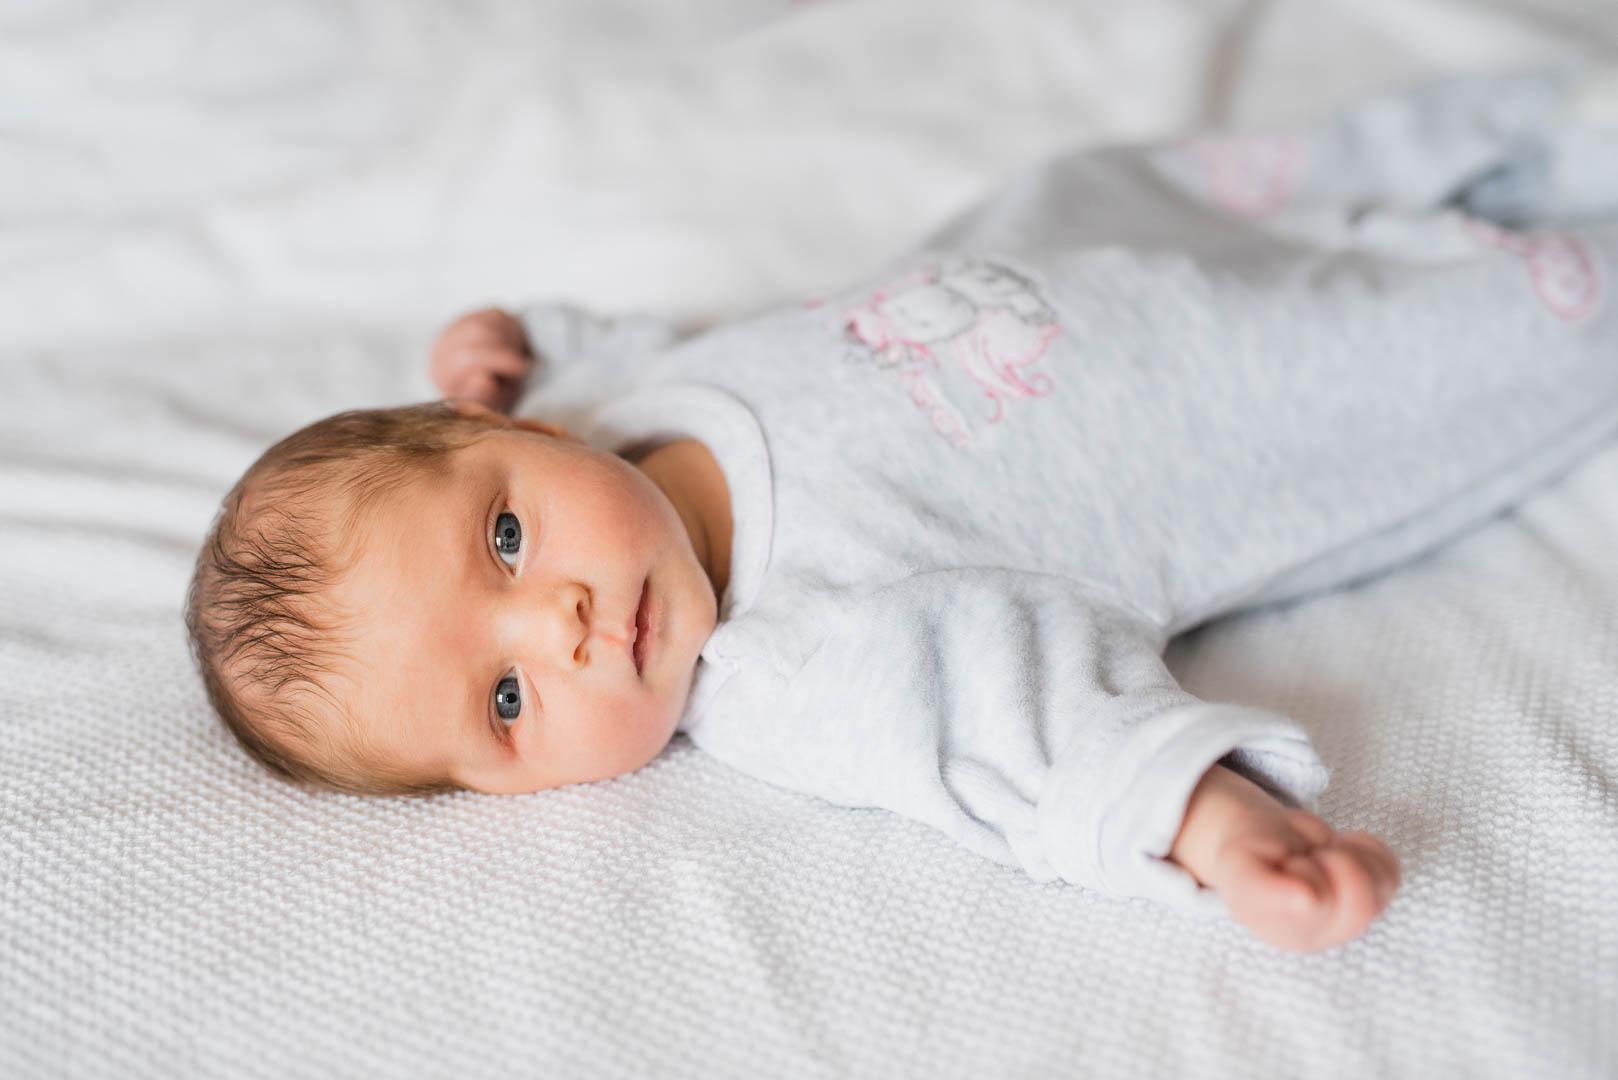 Neugeborenenfotografie zuhause in München